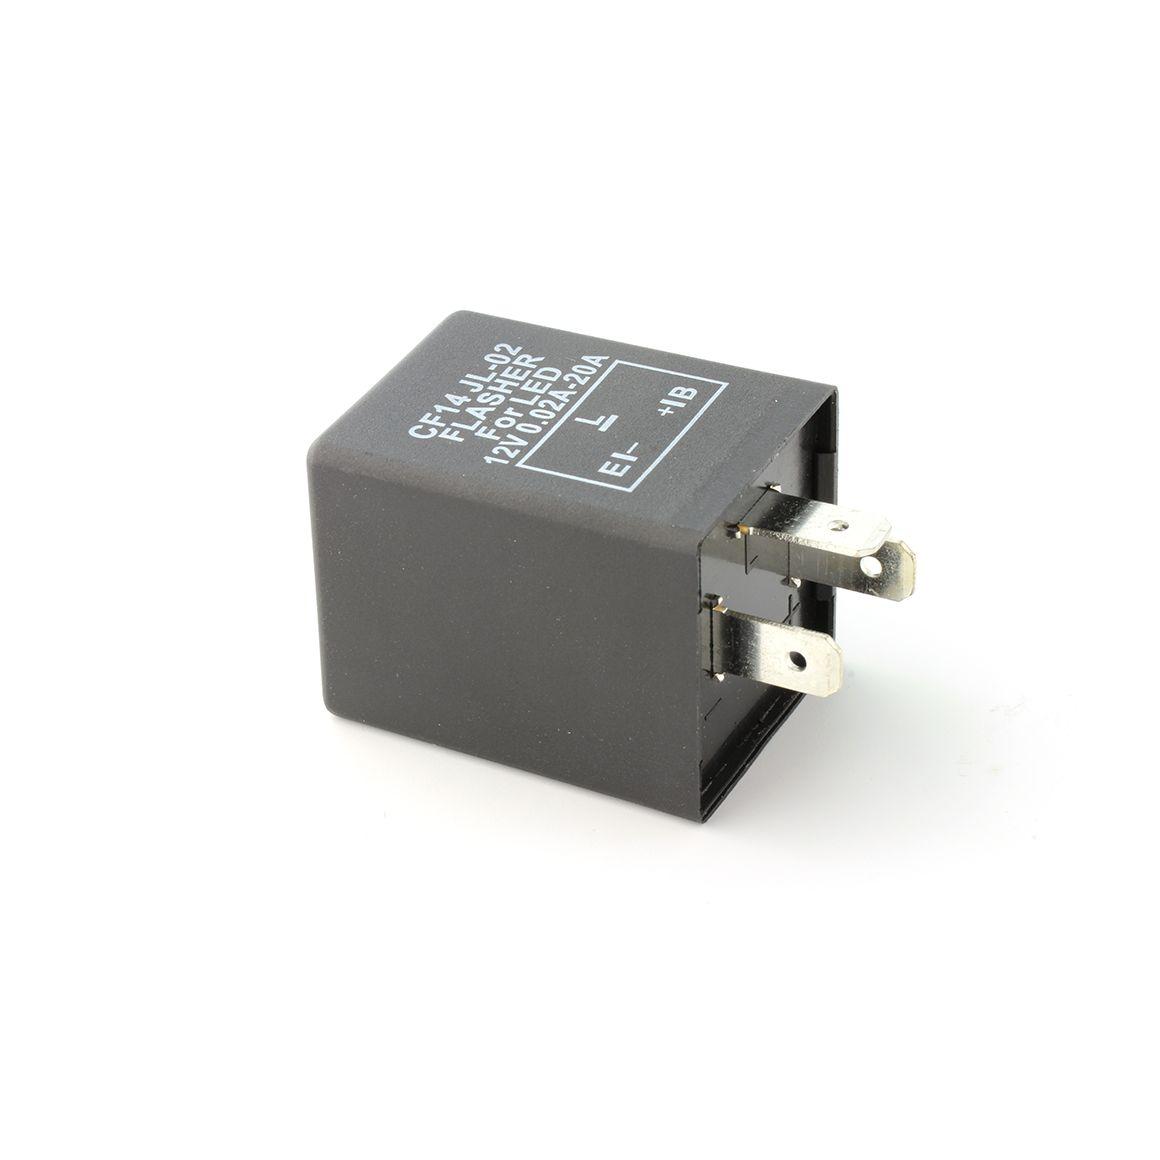 Rel/è Lampeggiante a LED CF13 JL-02 Rel/è Flasher Elettronico a 3 Pin per Lampadina a LED Indicatori di Direzione Hyper Flashing